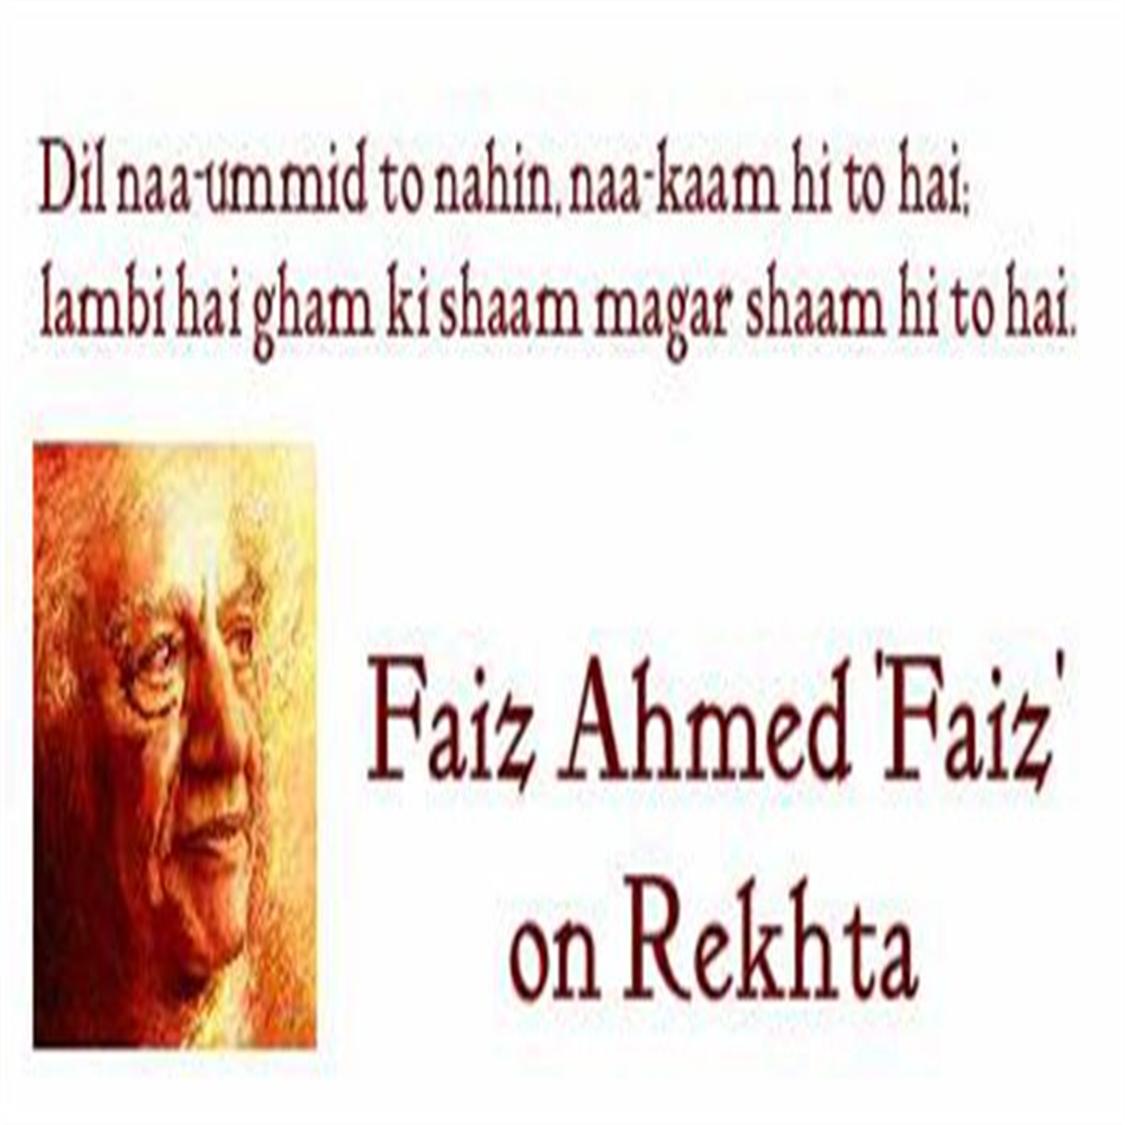 dil naa-umiid to nahii.n naakaam hii to hai-Faiz Ahmad Faiz